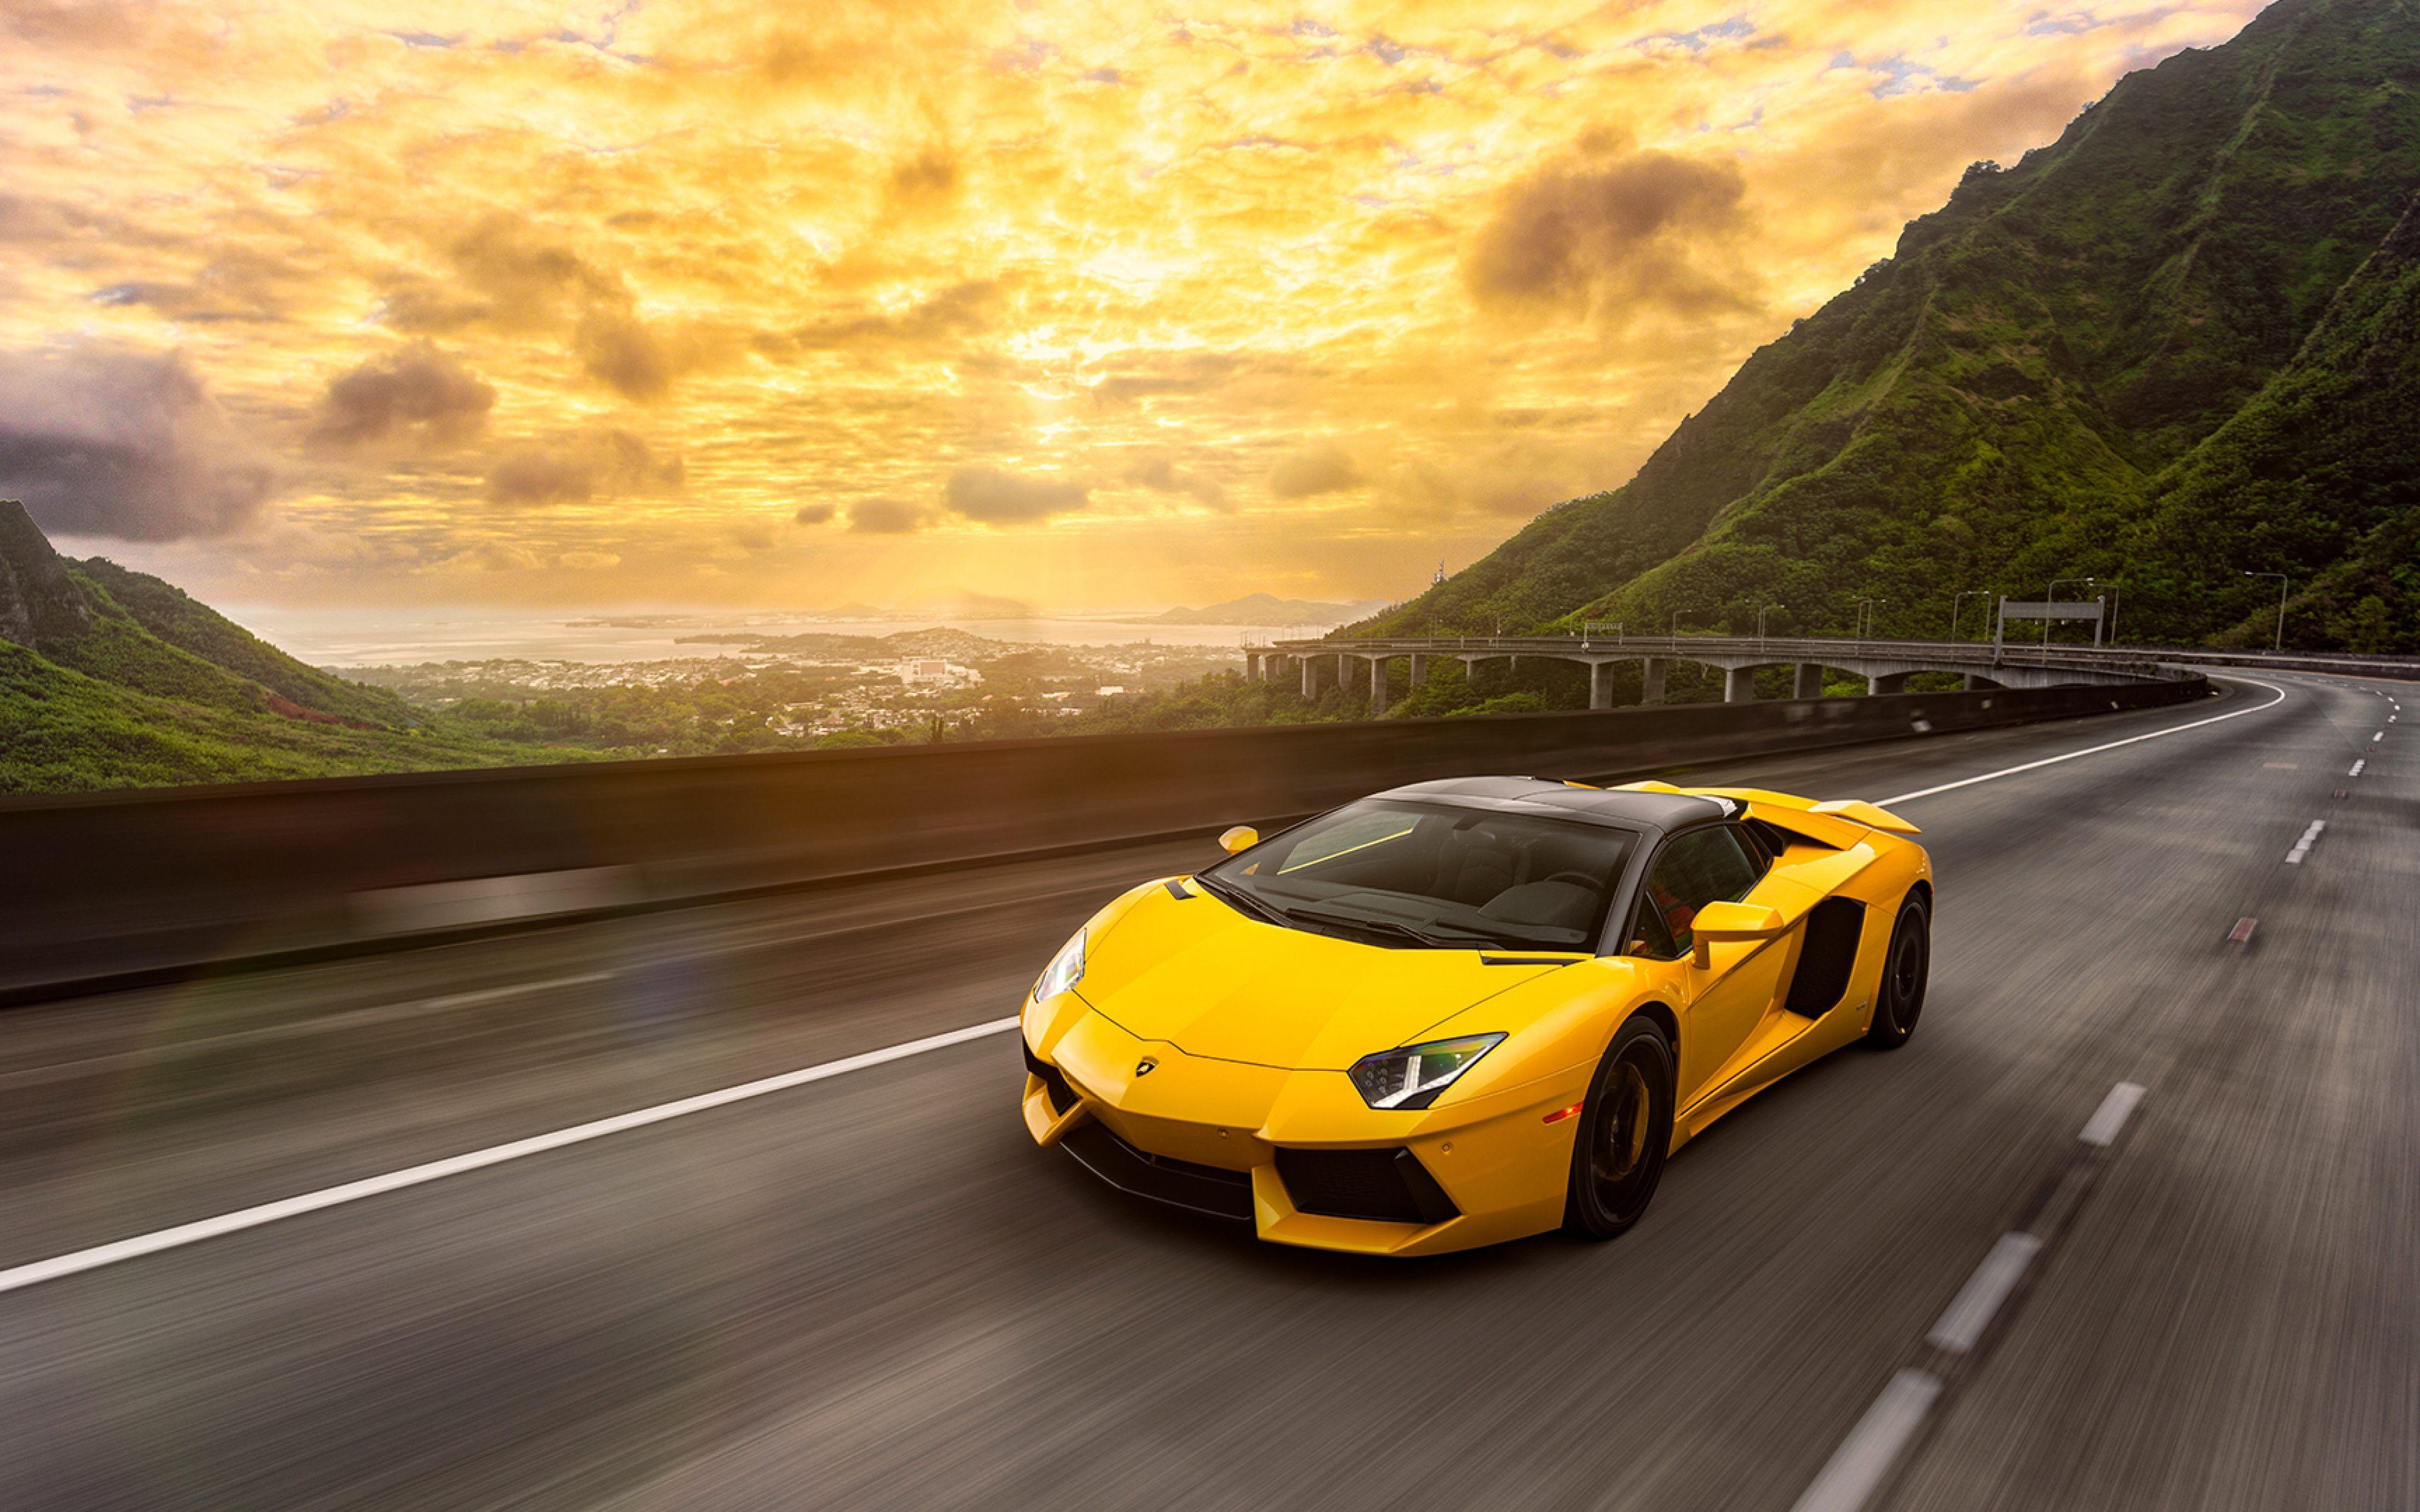 Lambo Huracan Ultra HD 4K Wallpaper For Desktop & Mobile | 4k in 2019 | Lamborghini cars ...